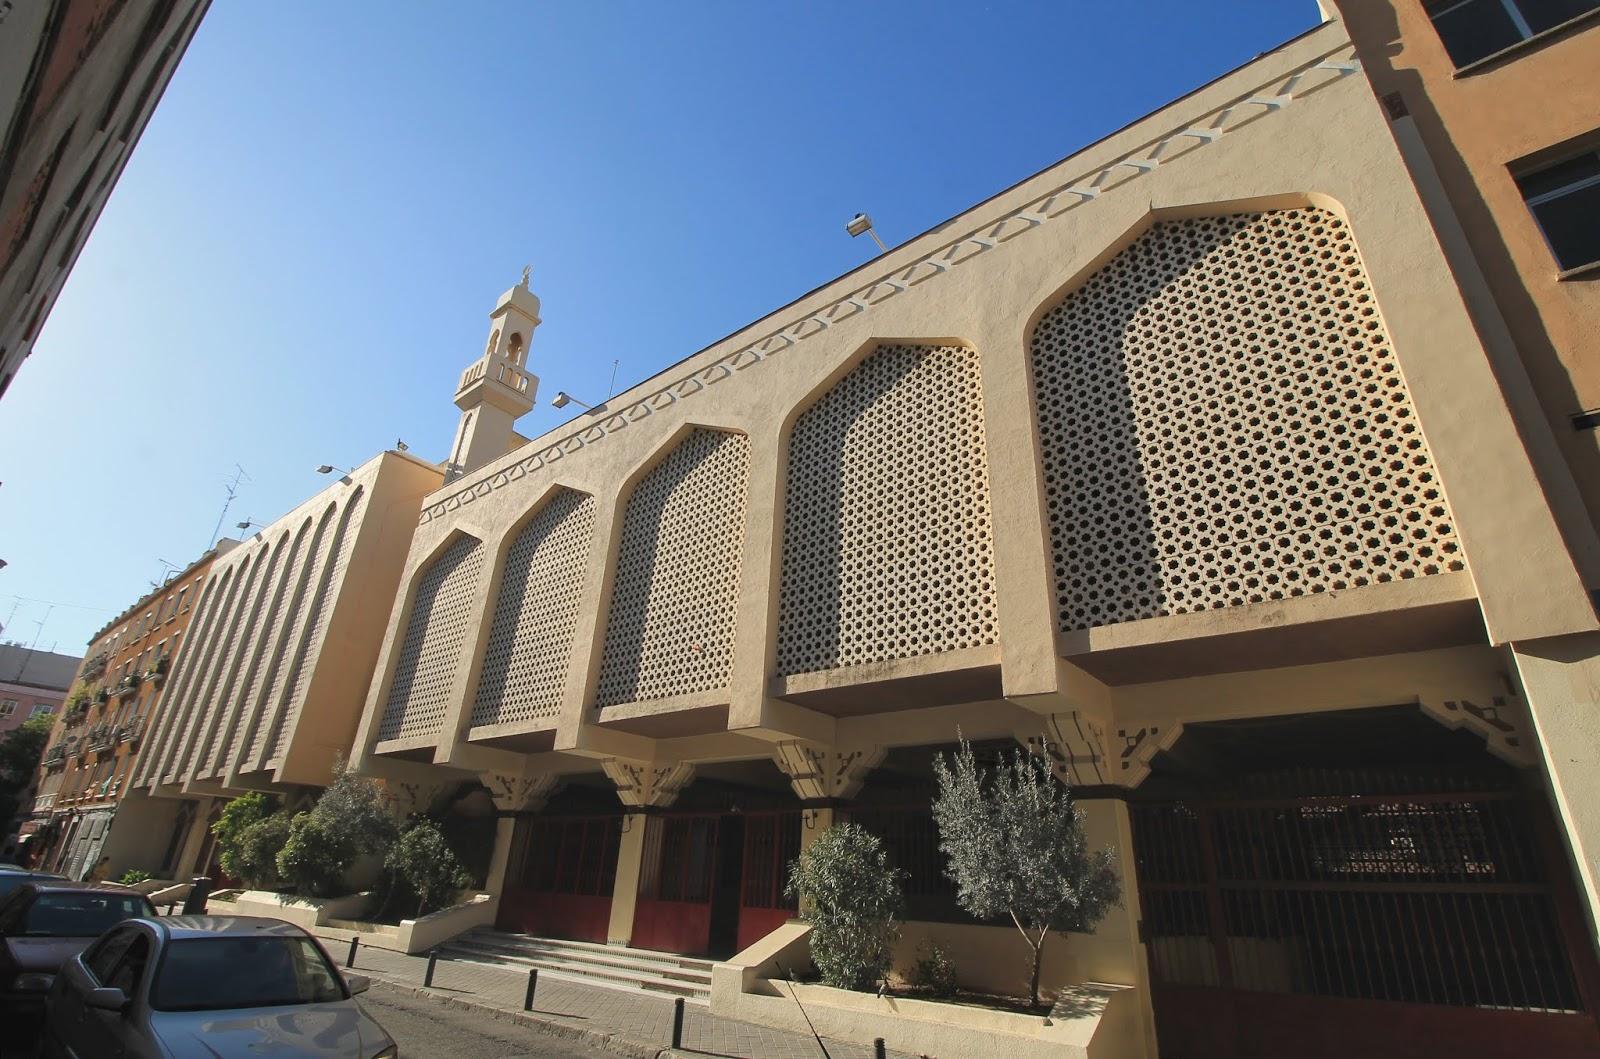 mezquita_abu_bakr_de_madrid_espana_02